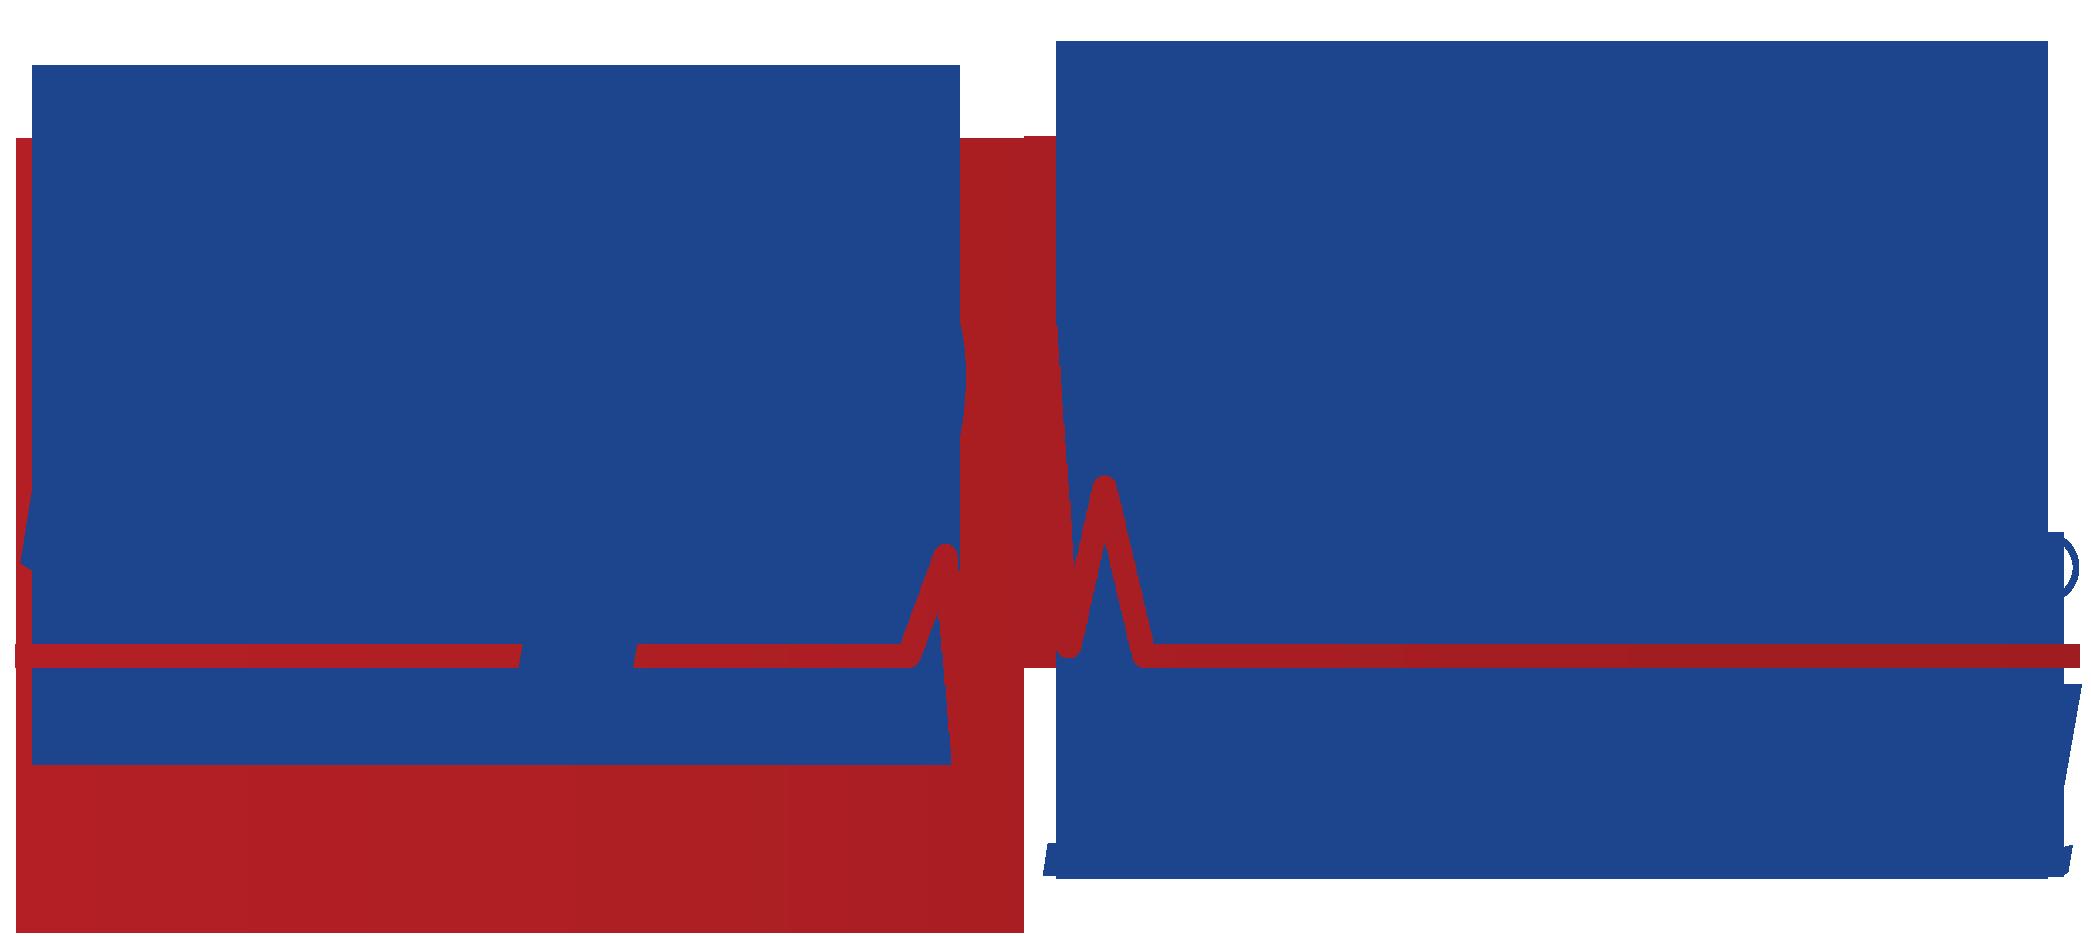 Spark Medical Limited